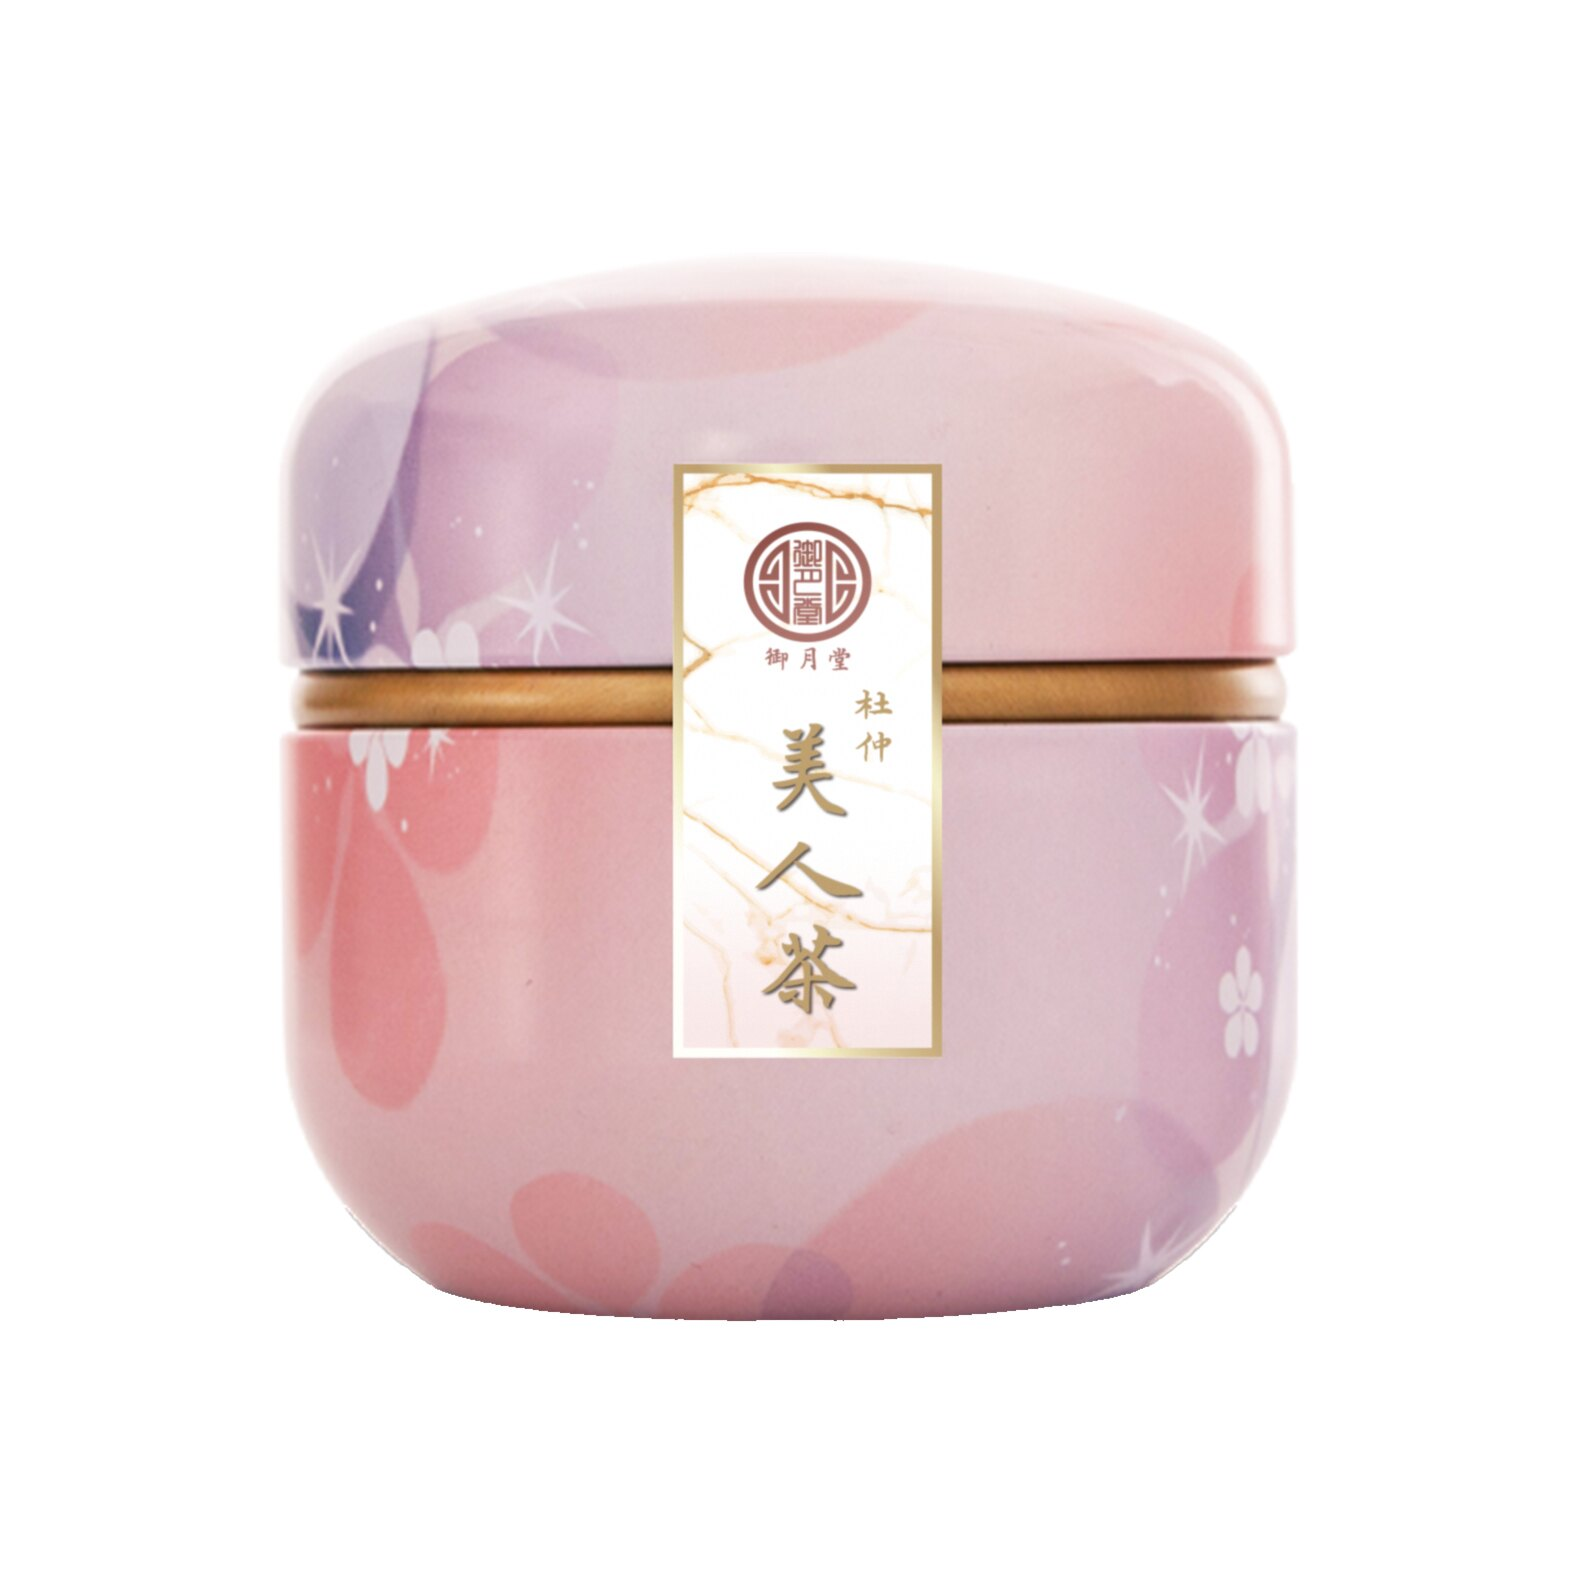 御月堂 杜仲美人茶 三角茶包 6g x 10